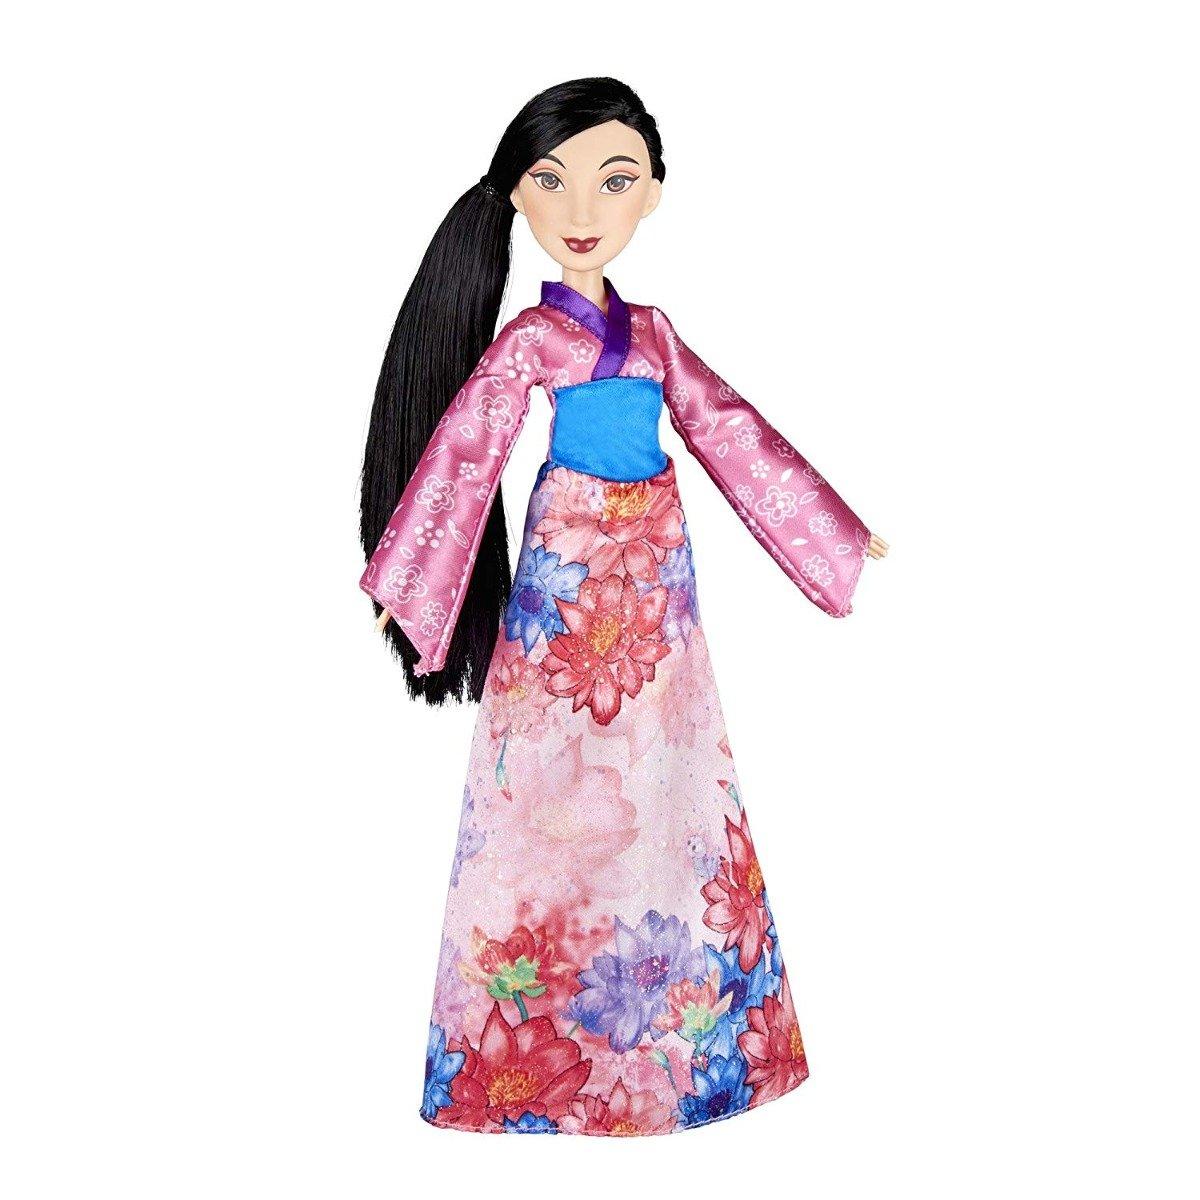 Papusa Hasbro Disney Princess Royal Shimmer, Mulan